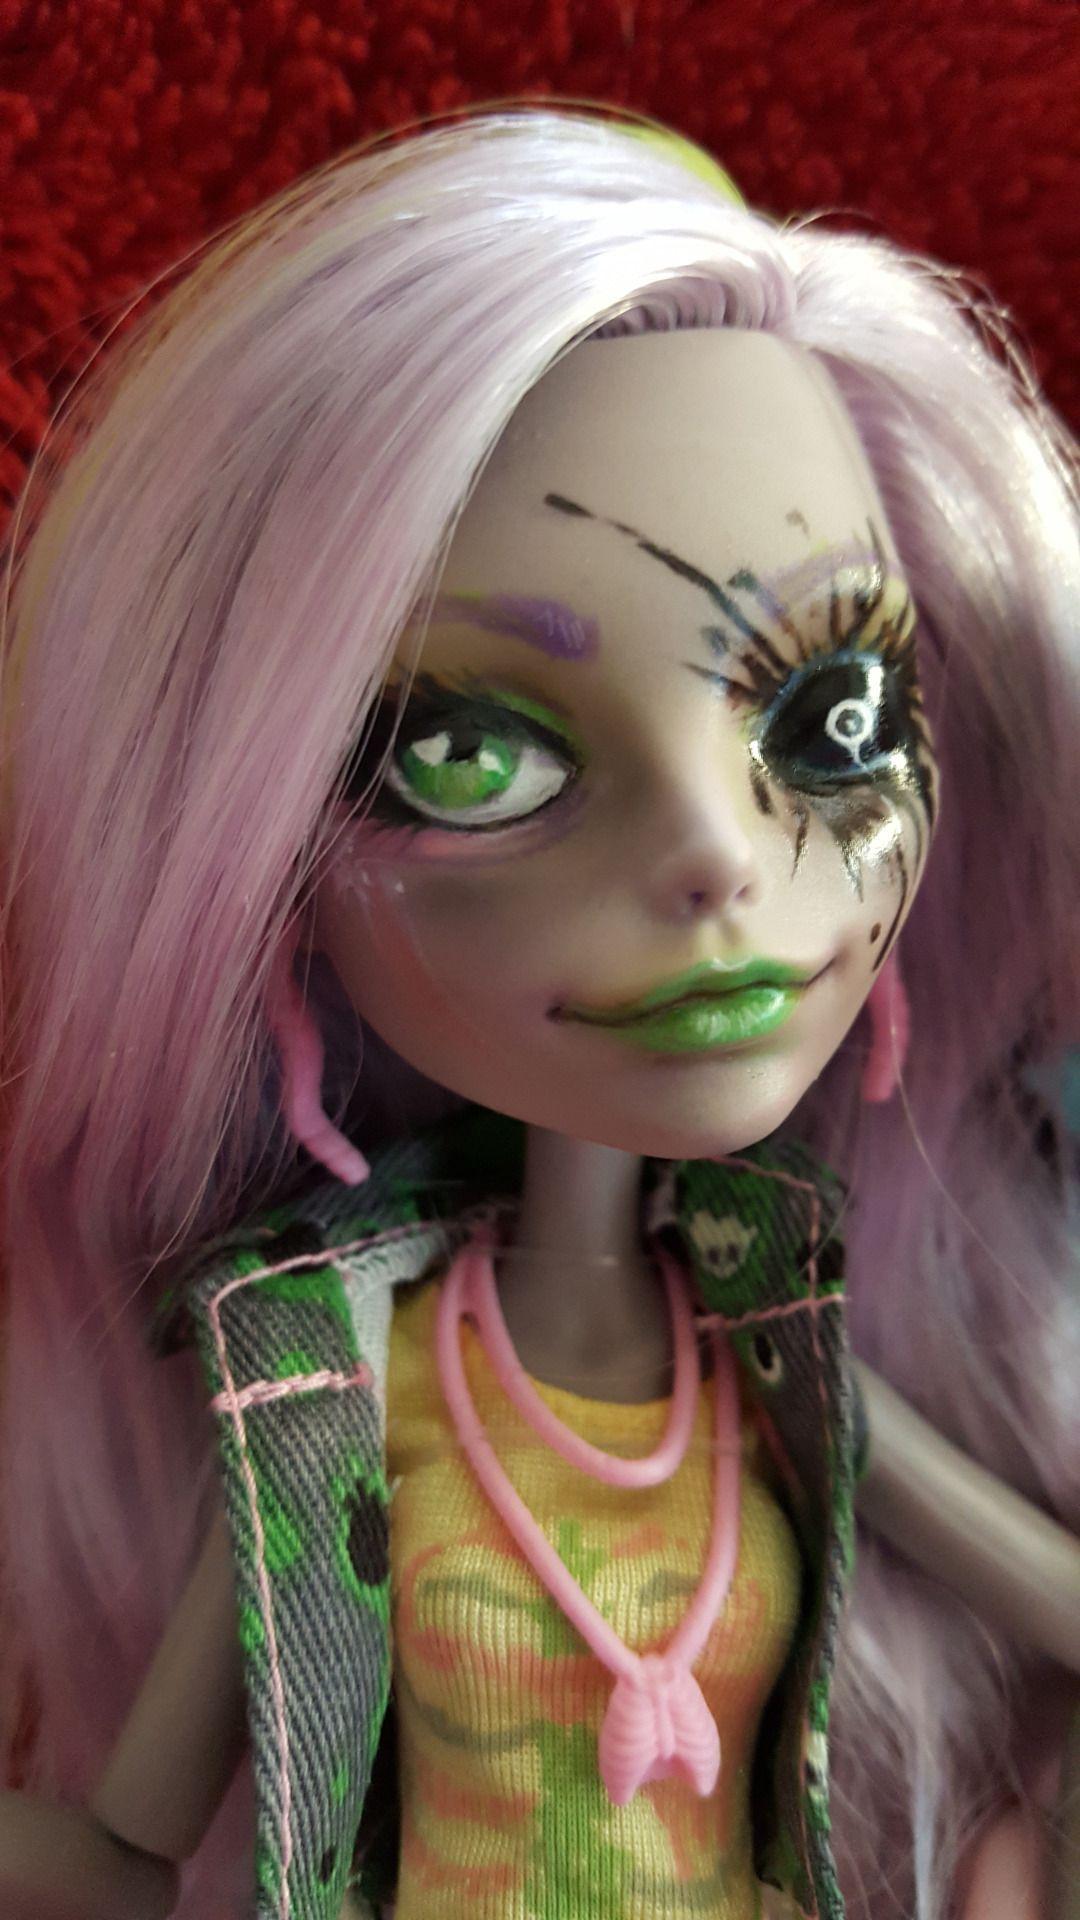 Monster High Repaint, Doll Repaint, Girlfriends